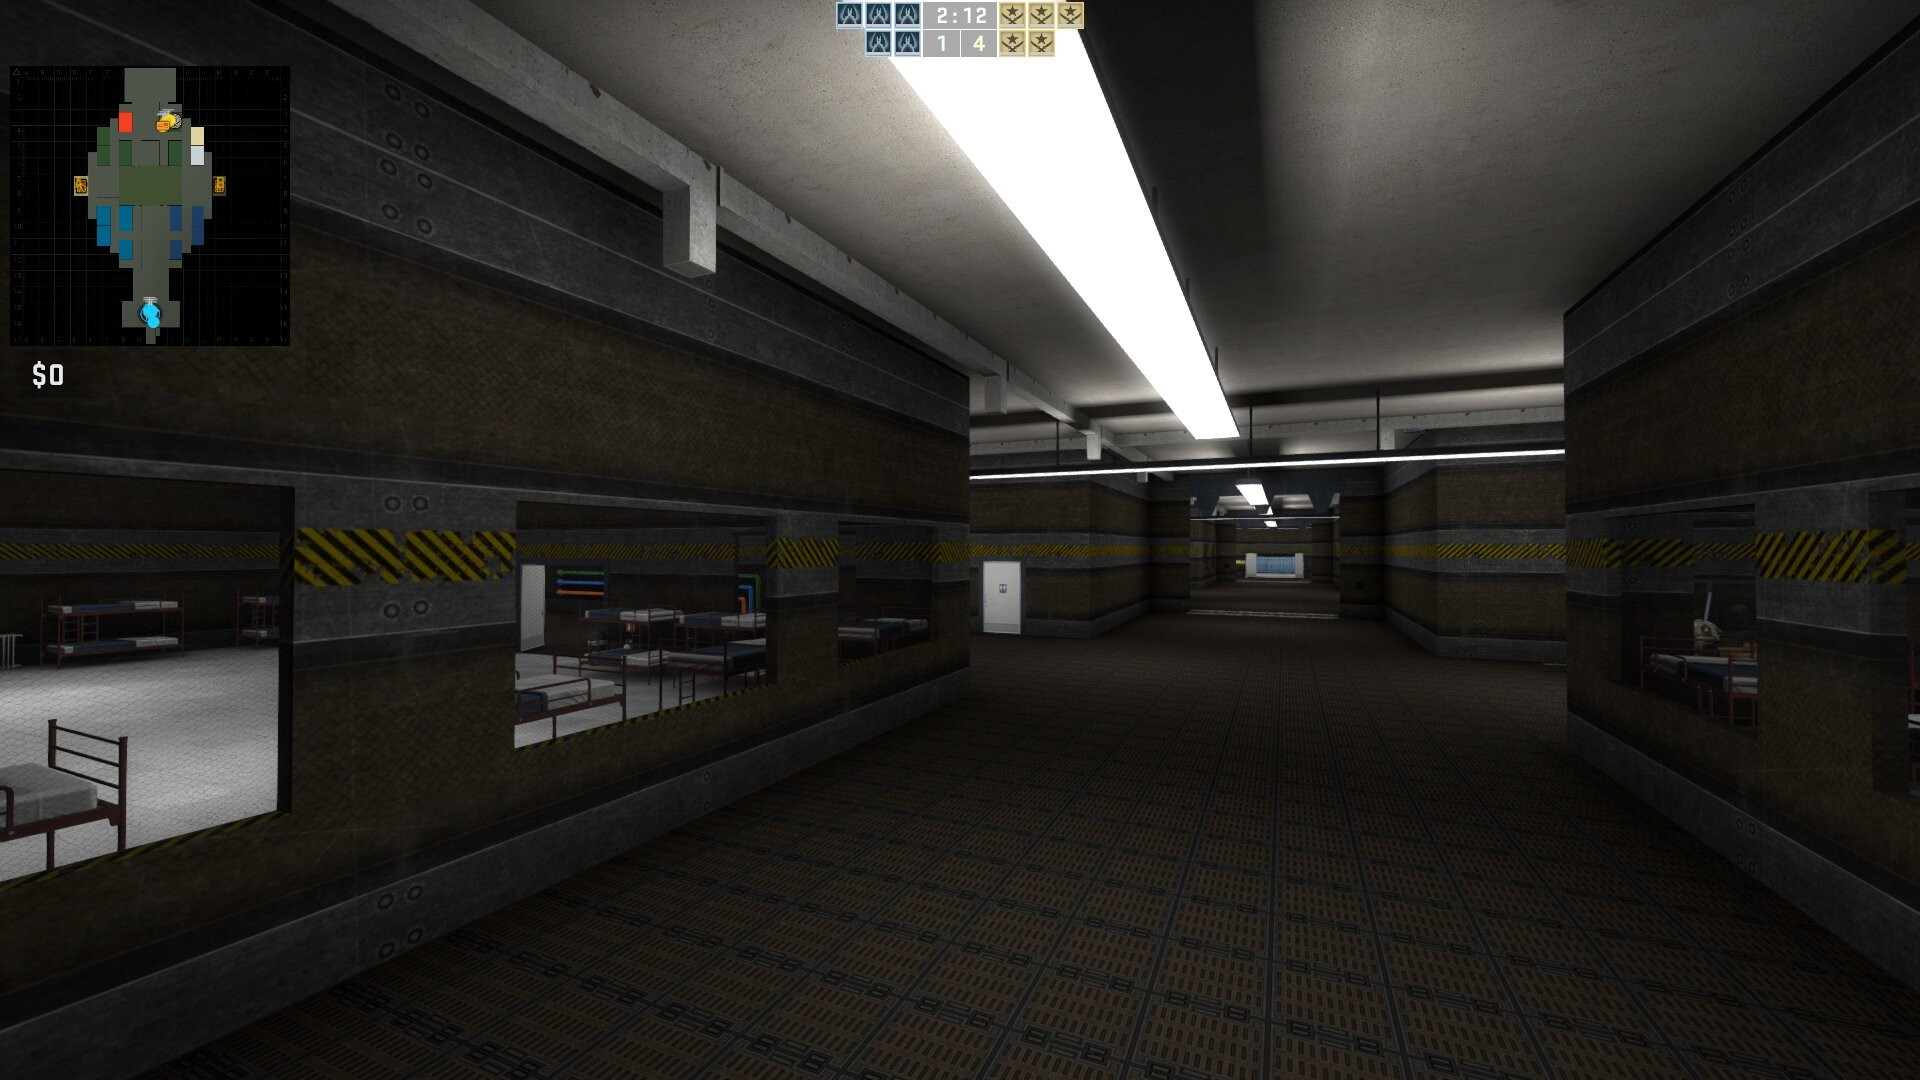 de_polemarchos_facility0006.jpg